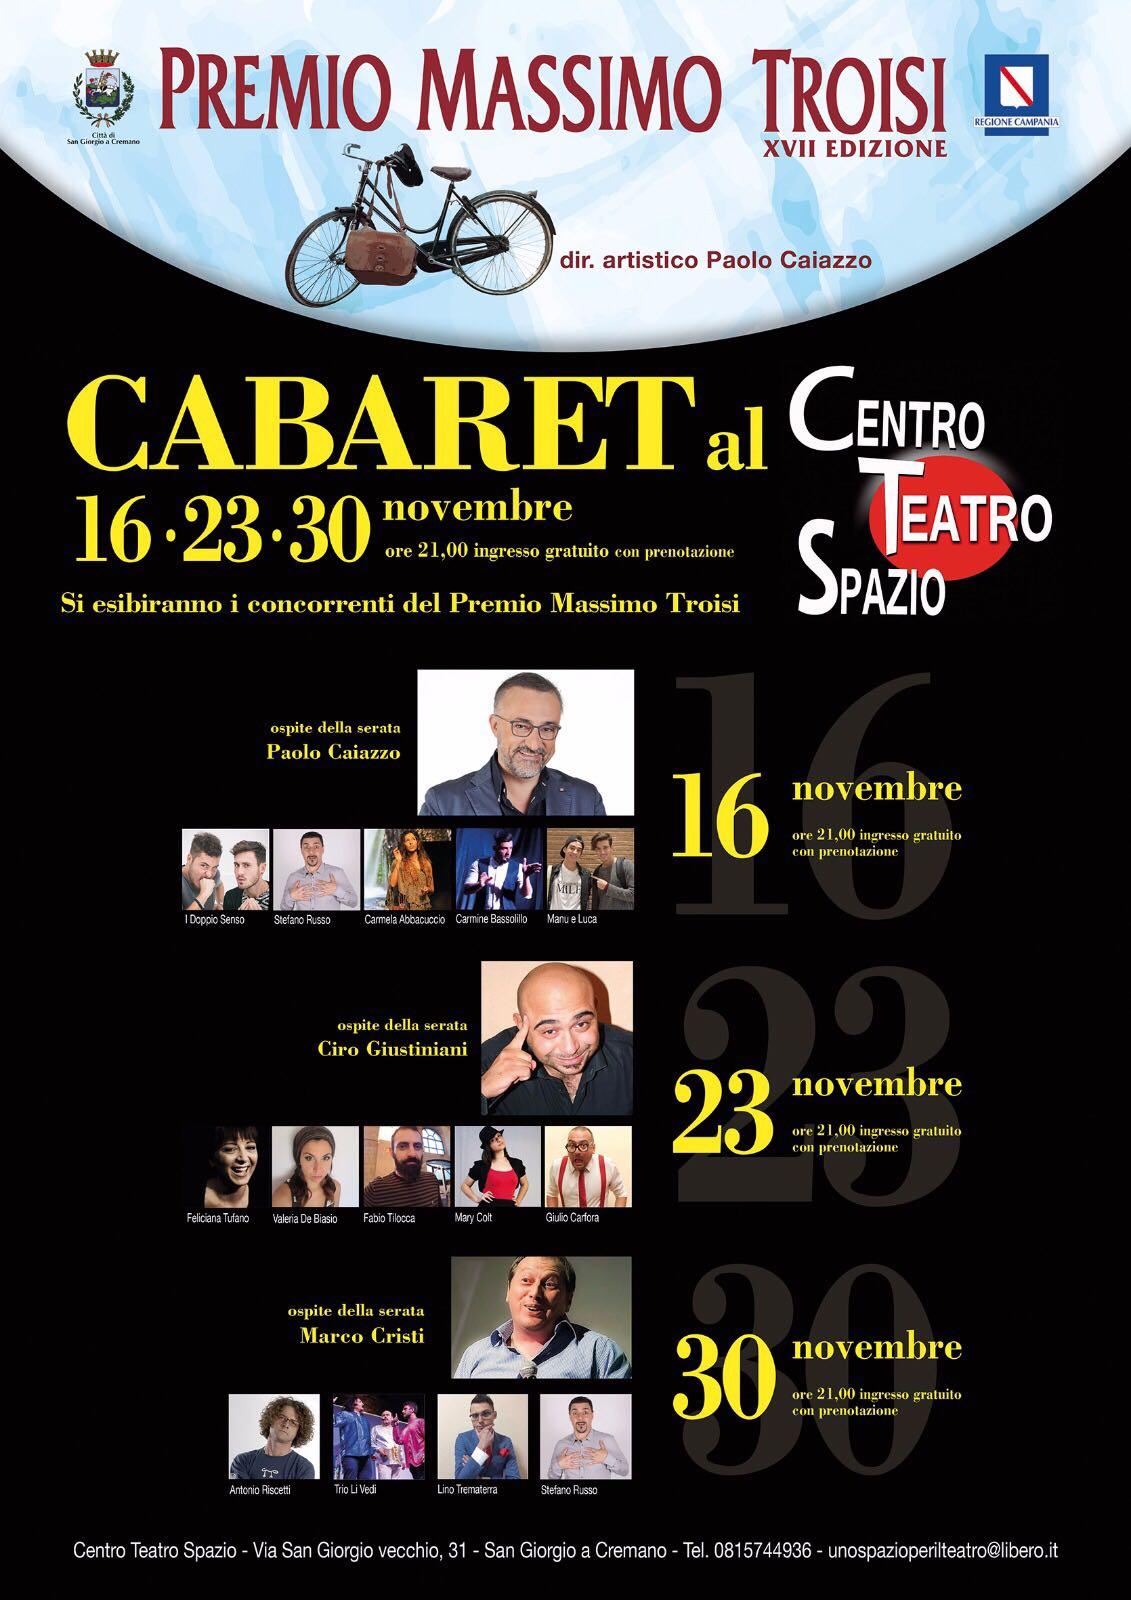 Premio Massimo Troisi - seconda fase.  Attori comici in scena al Centro Teatro Spazio lo storico tea...